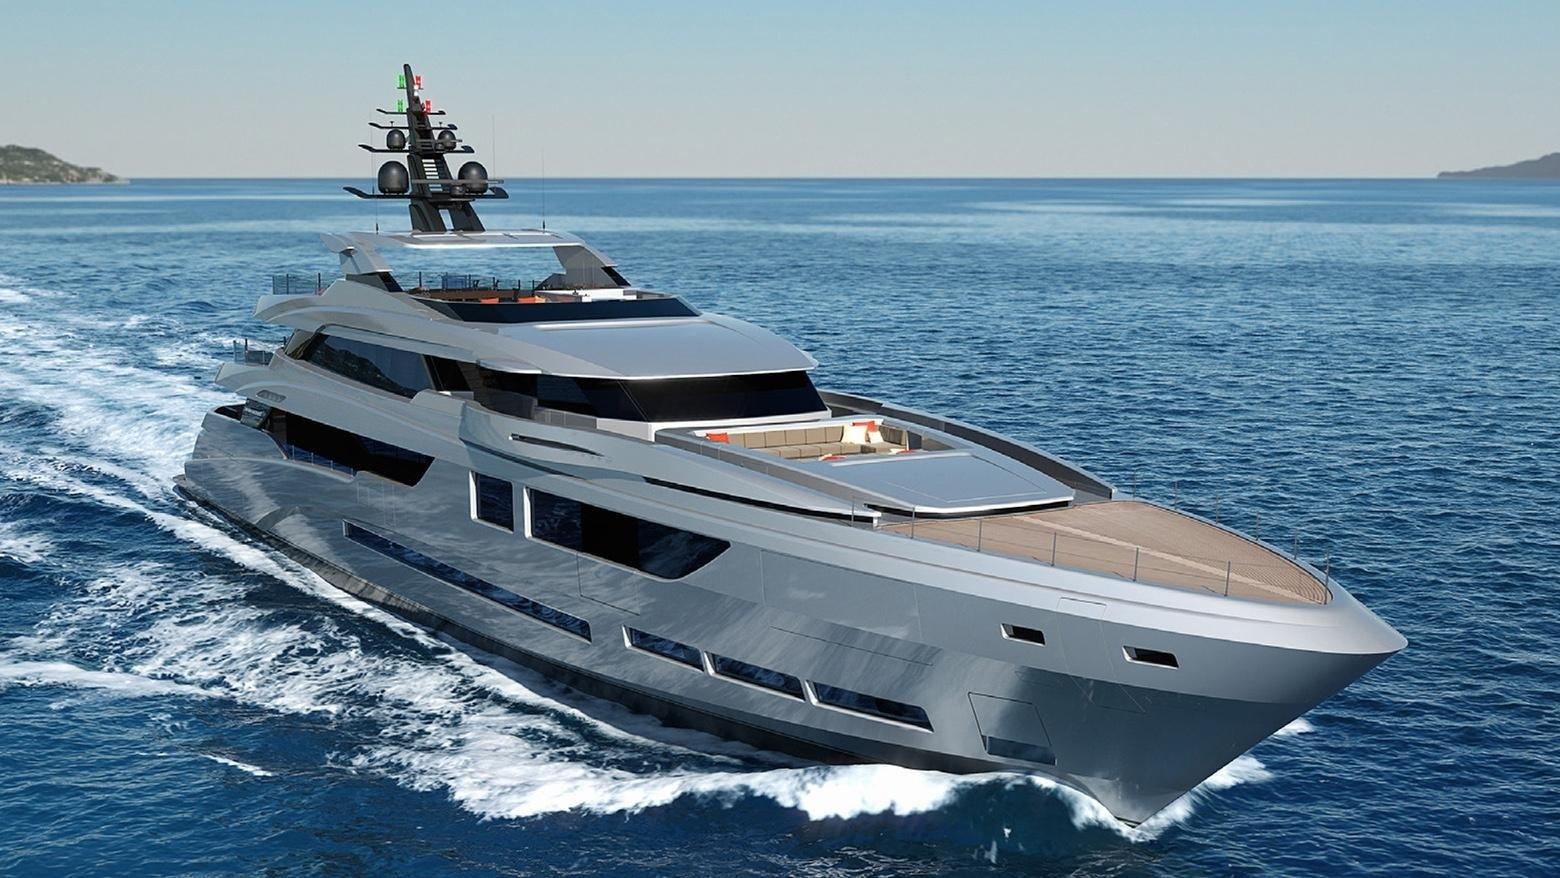 SARASTAR performance motor yacht